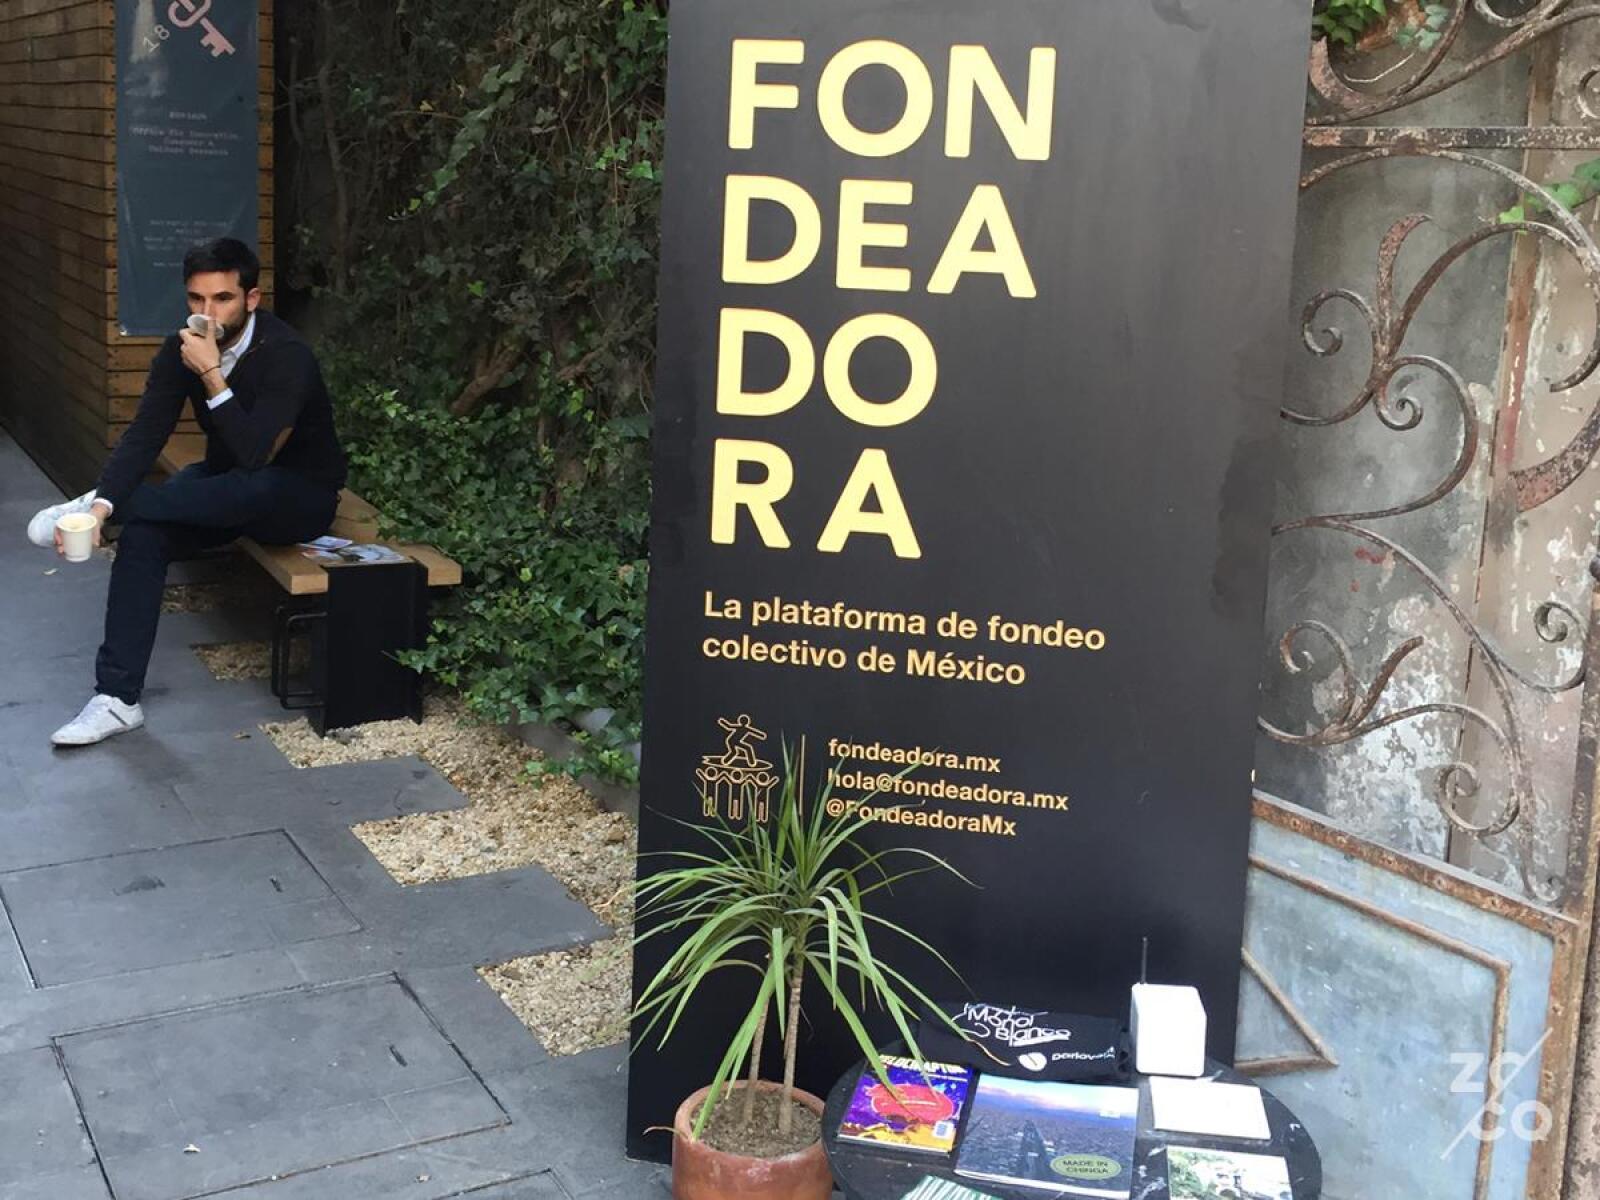 Fondeadora Lam es la primera plataforma en México que impulsa proyectos innovadores, que generan valor para el país por medio del fondeo colectivo.